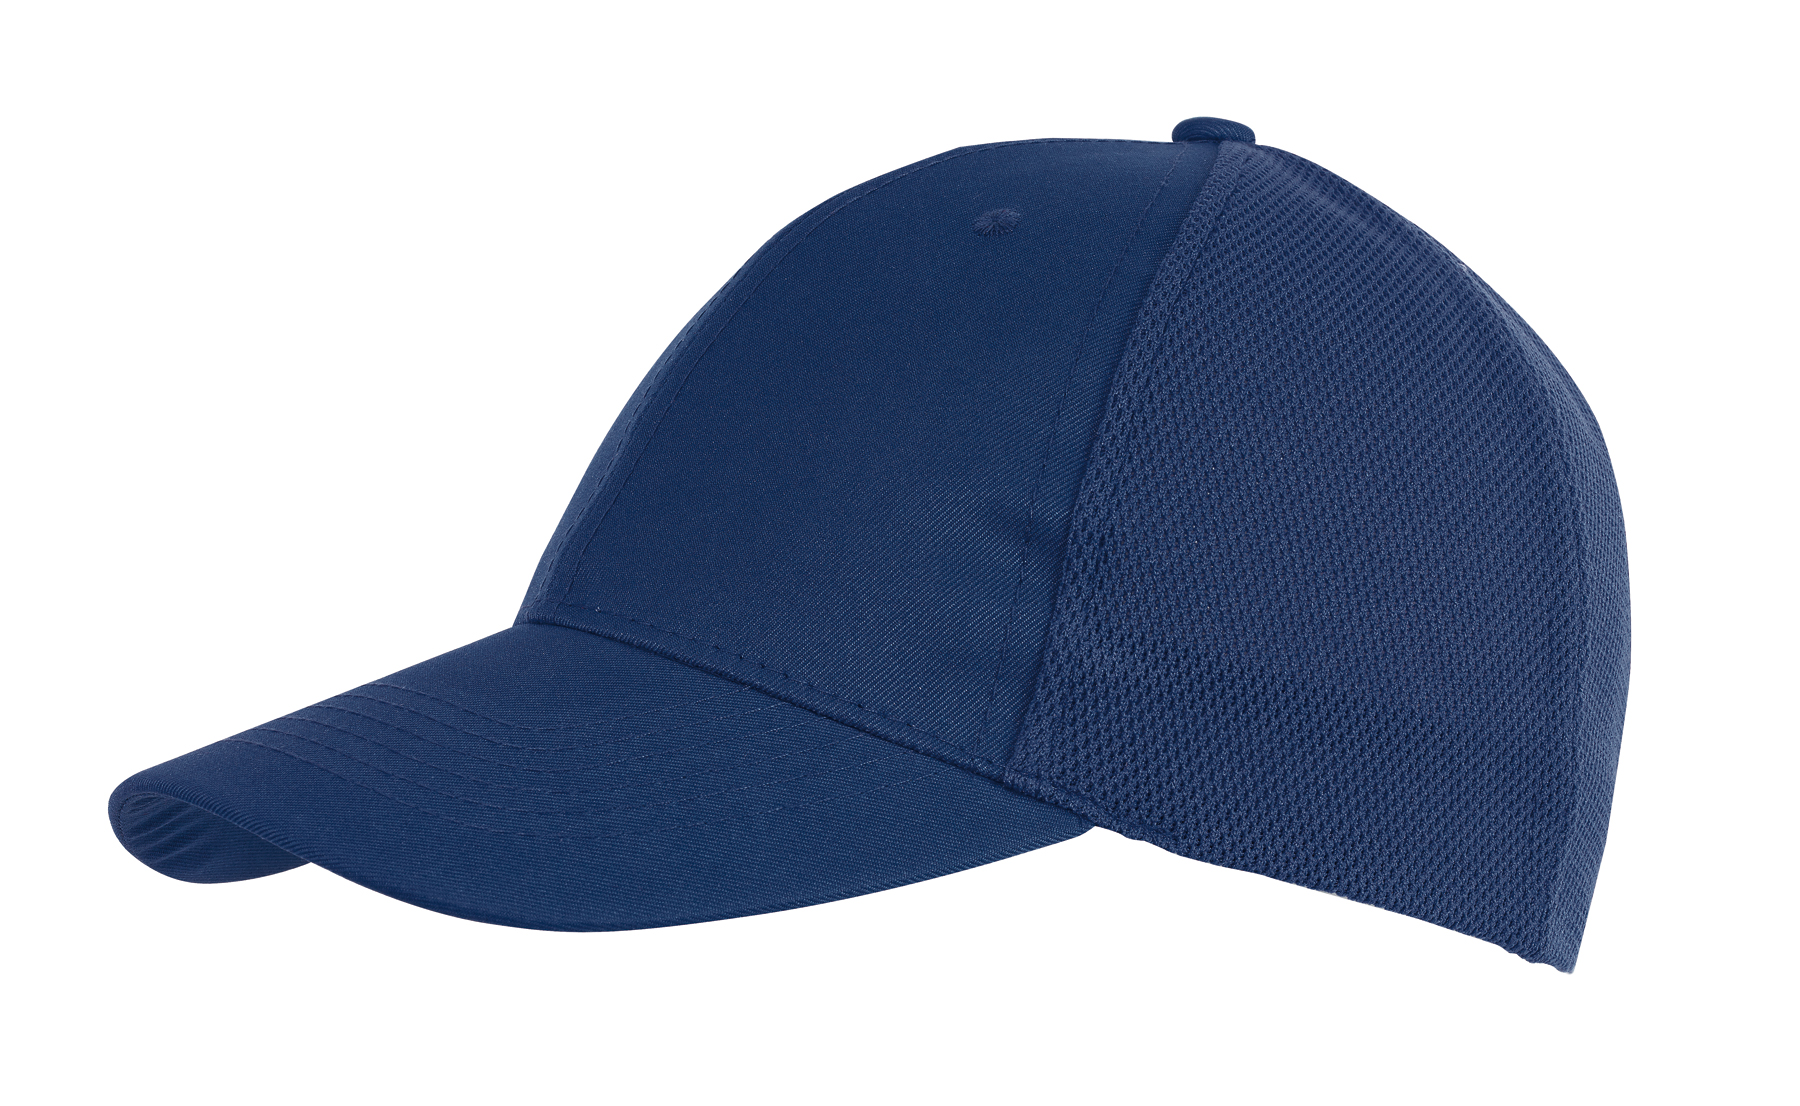 6 segmentowa czapka PITCHER, ciemnoniebieski